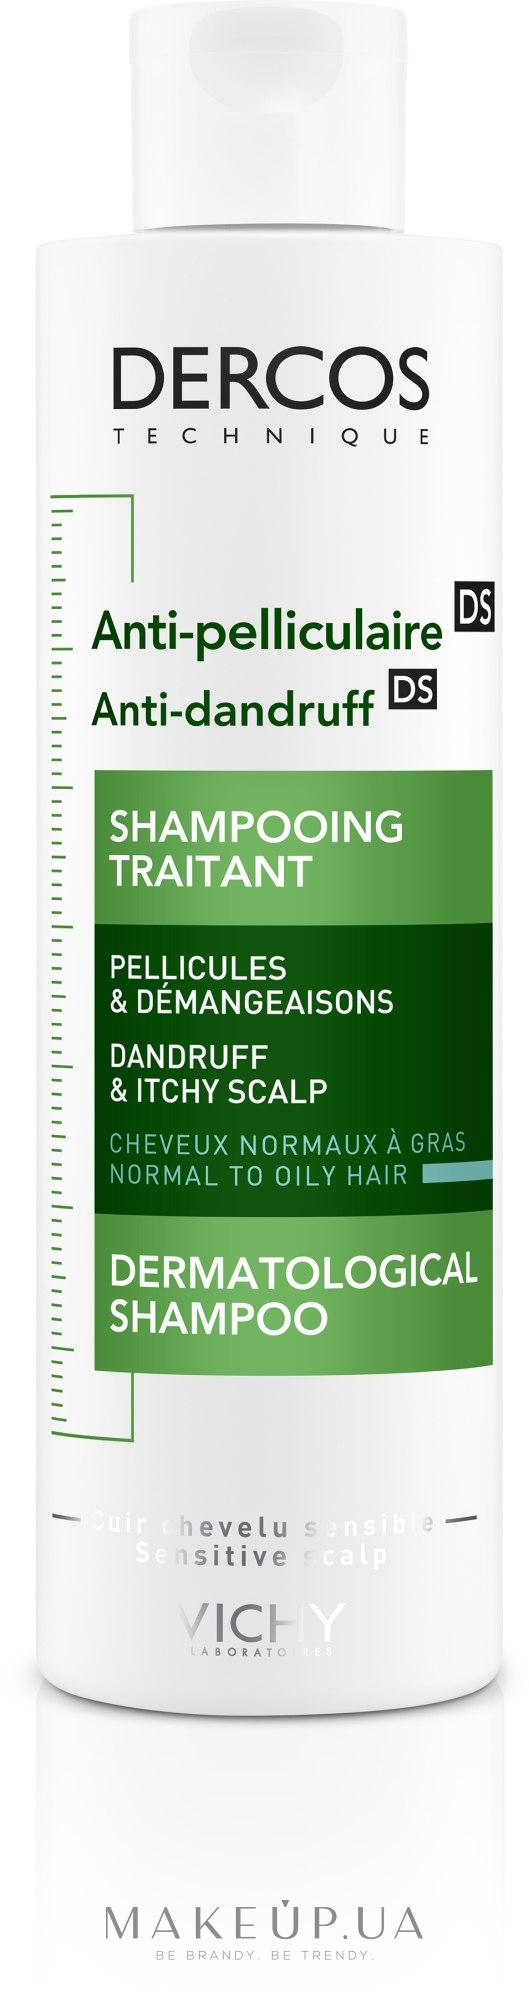 Шампунь против перхоти интенсивного действия для нормальных и жирных волос - Vichy Dercos Anti-Dandruff Advanced Action Shampoo — фото 200ml